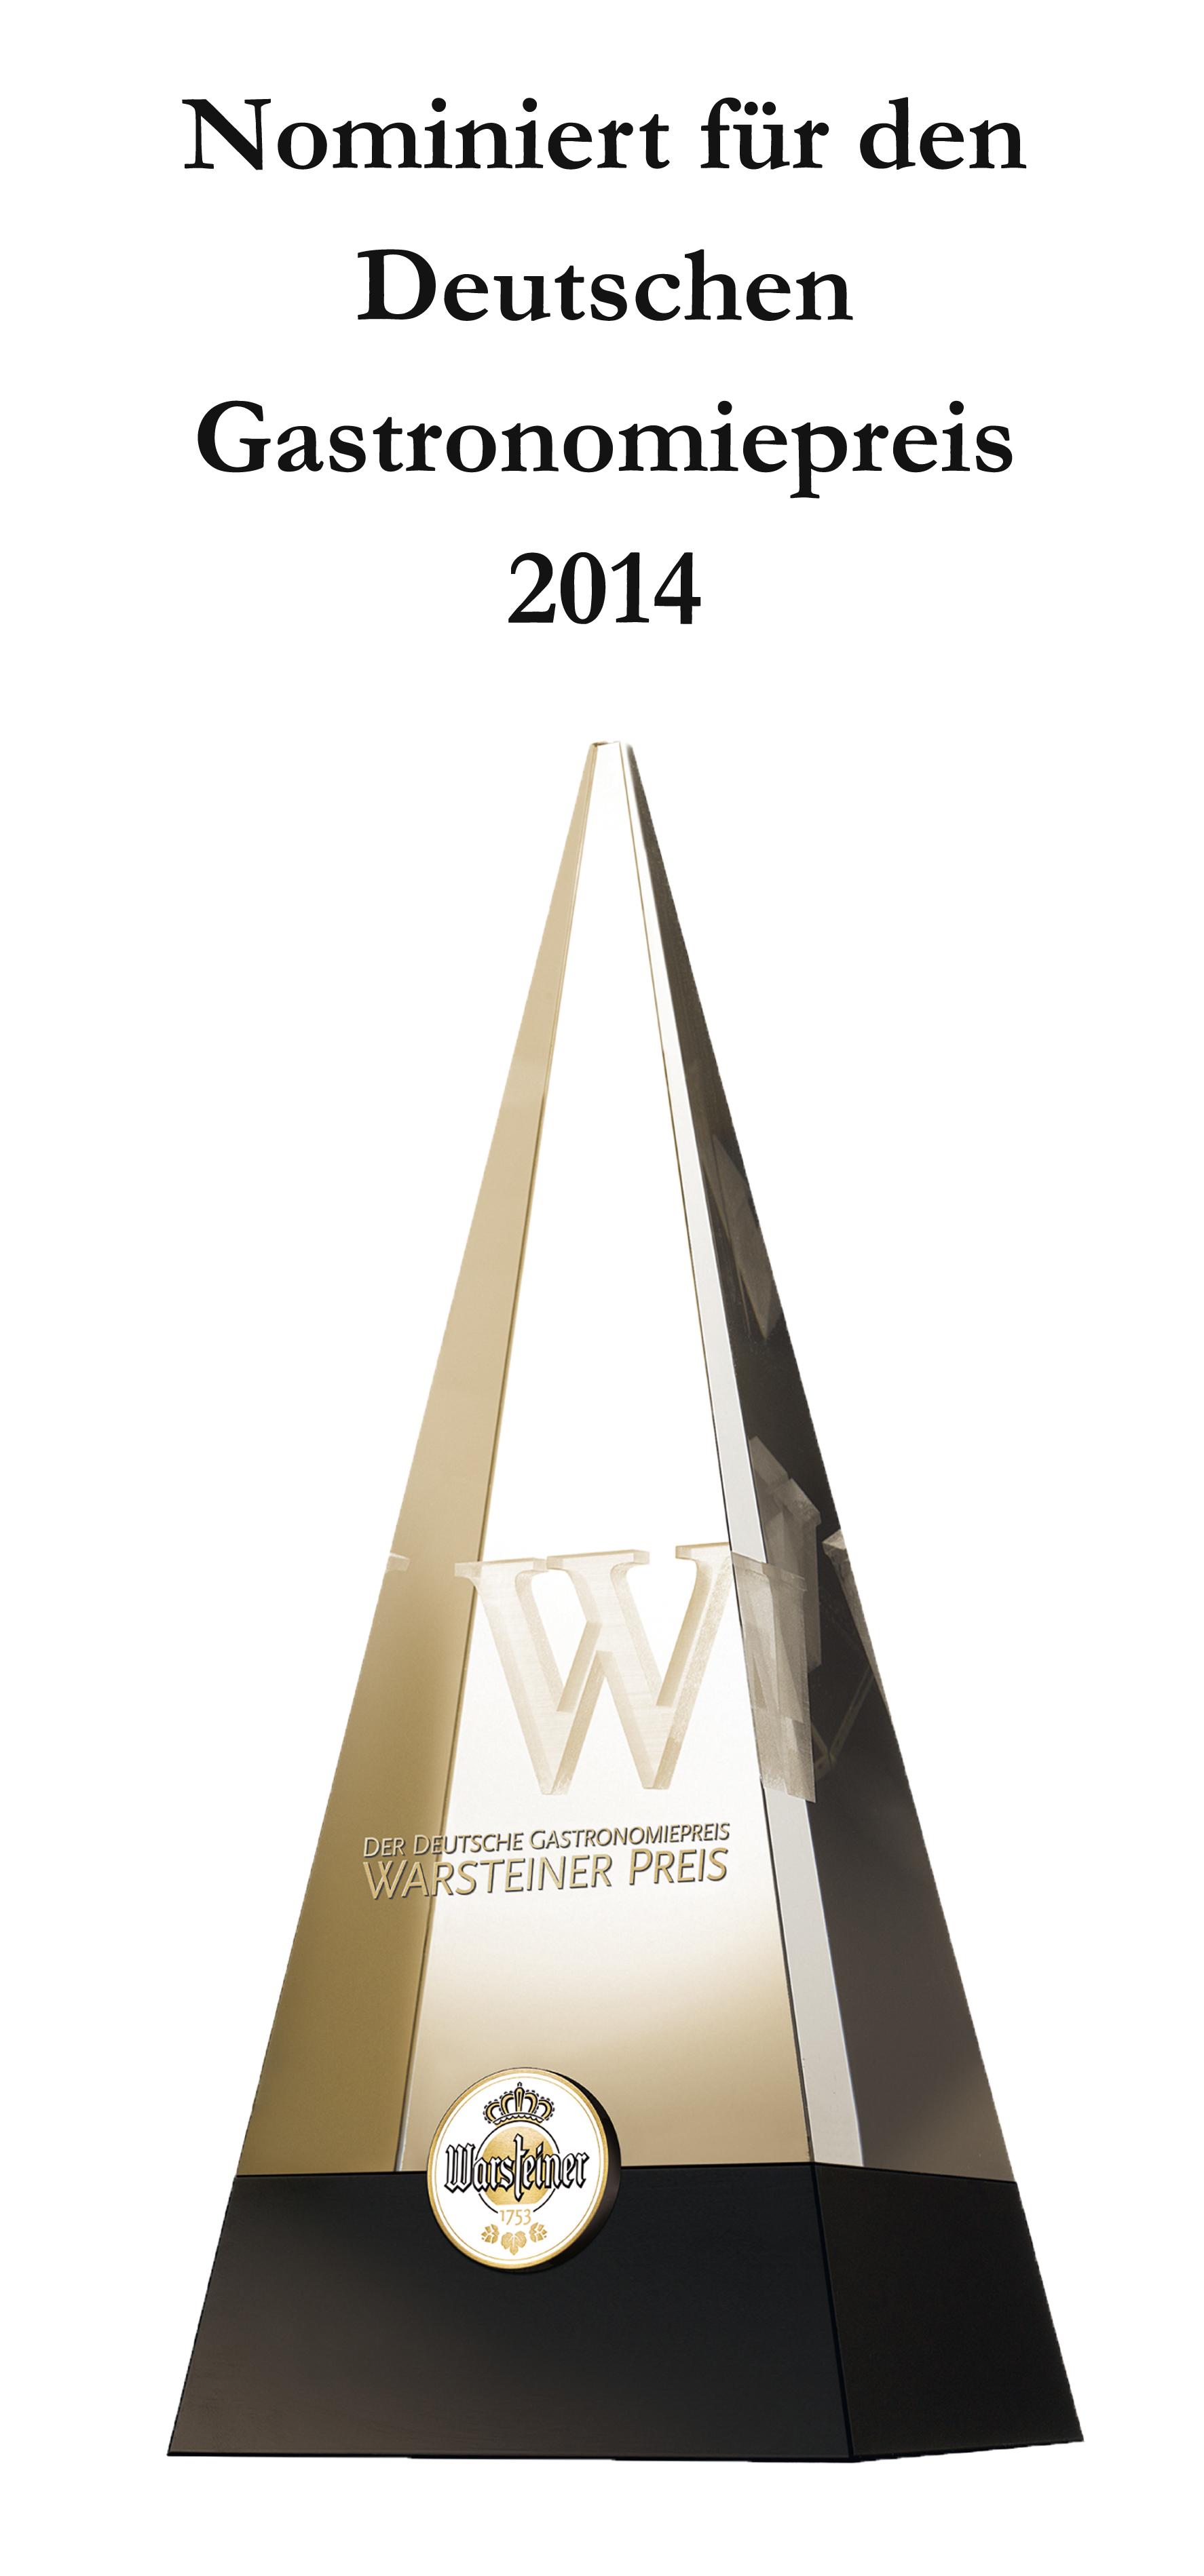 Warsteinerpreis 2014